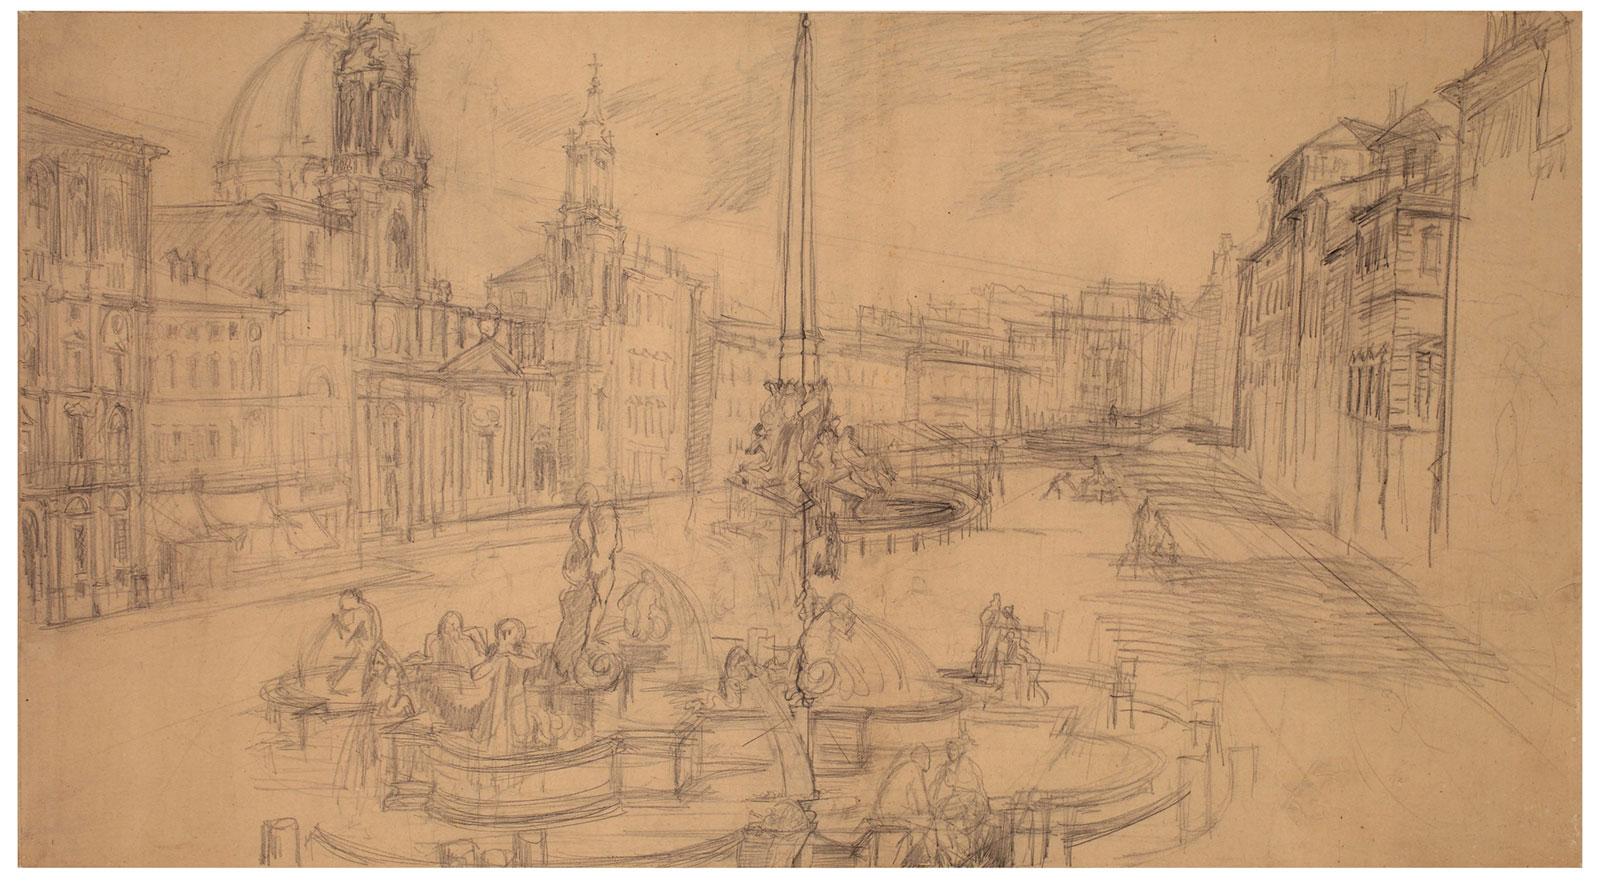 Valutazione opere d'arte moderna a Roma di primo '900